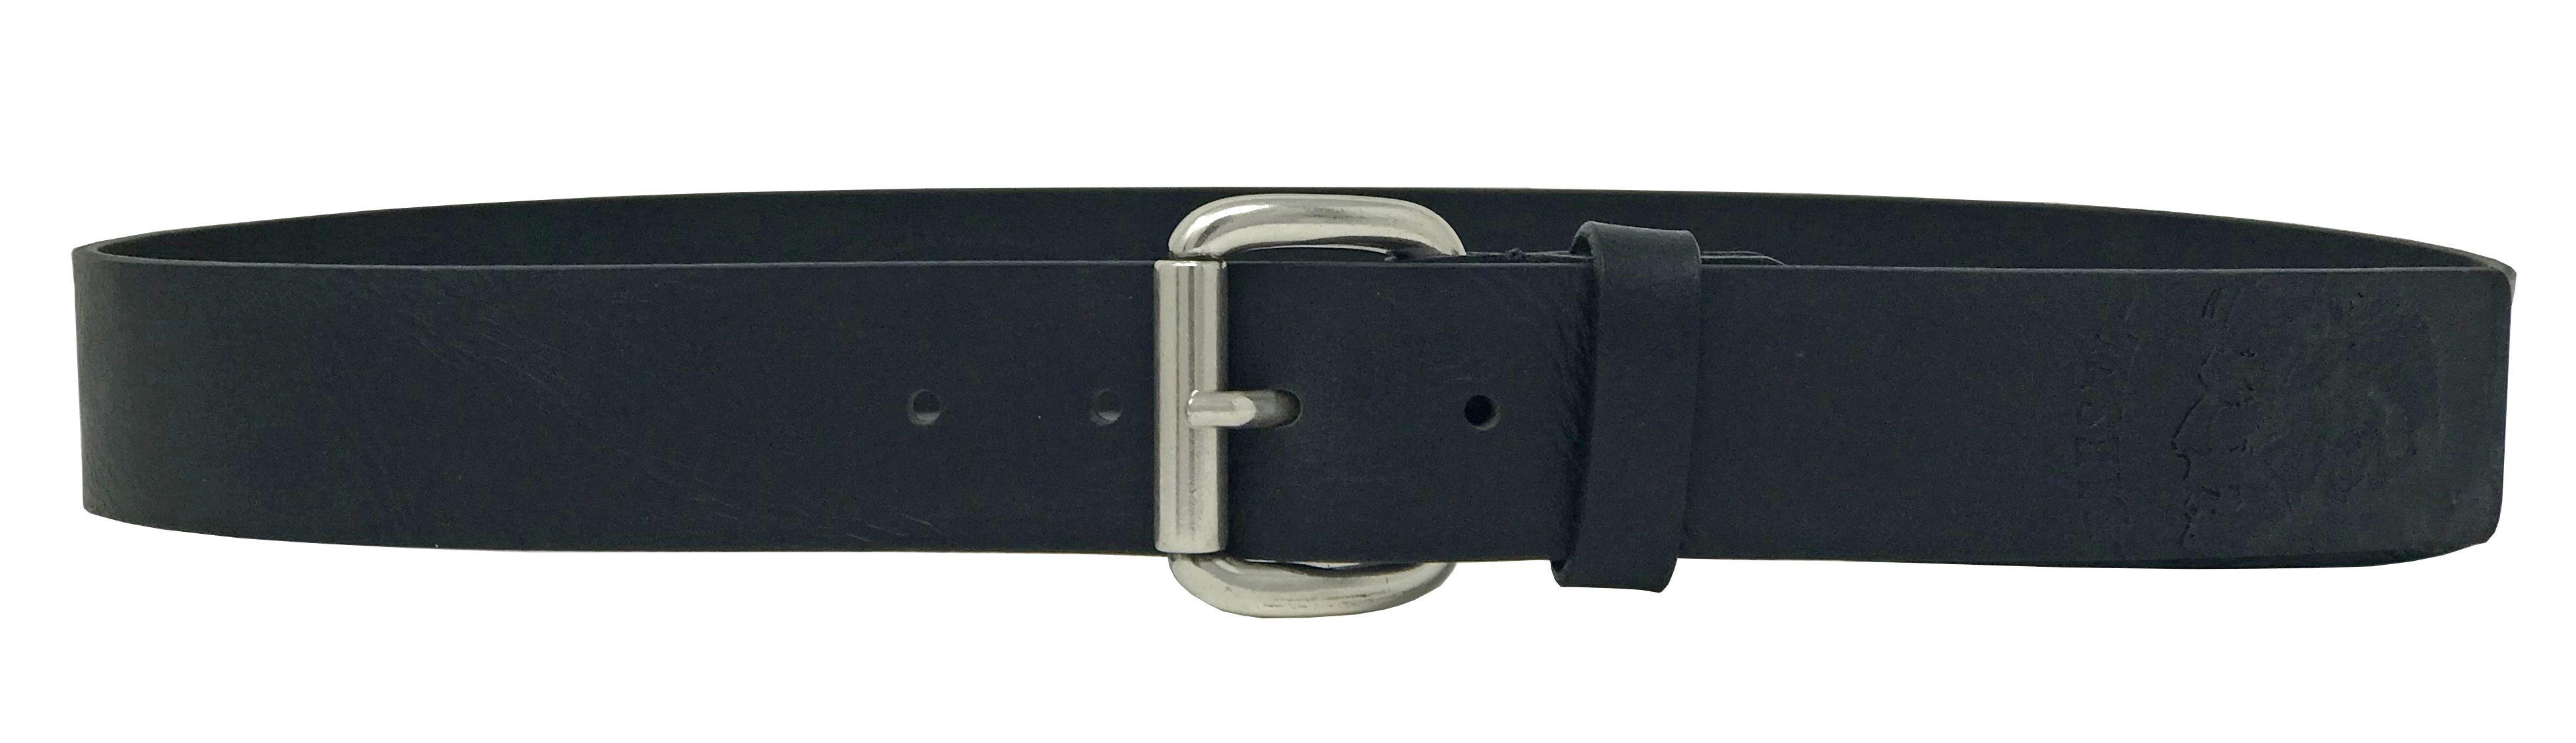 Diesel B-Profiles X04713 P0759 T8013 Belt